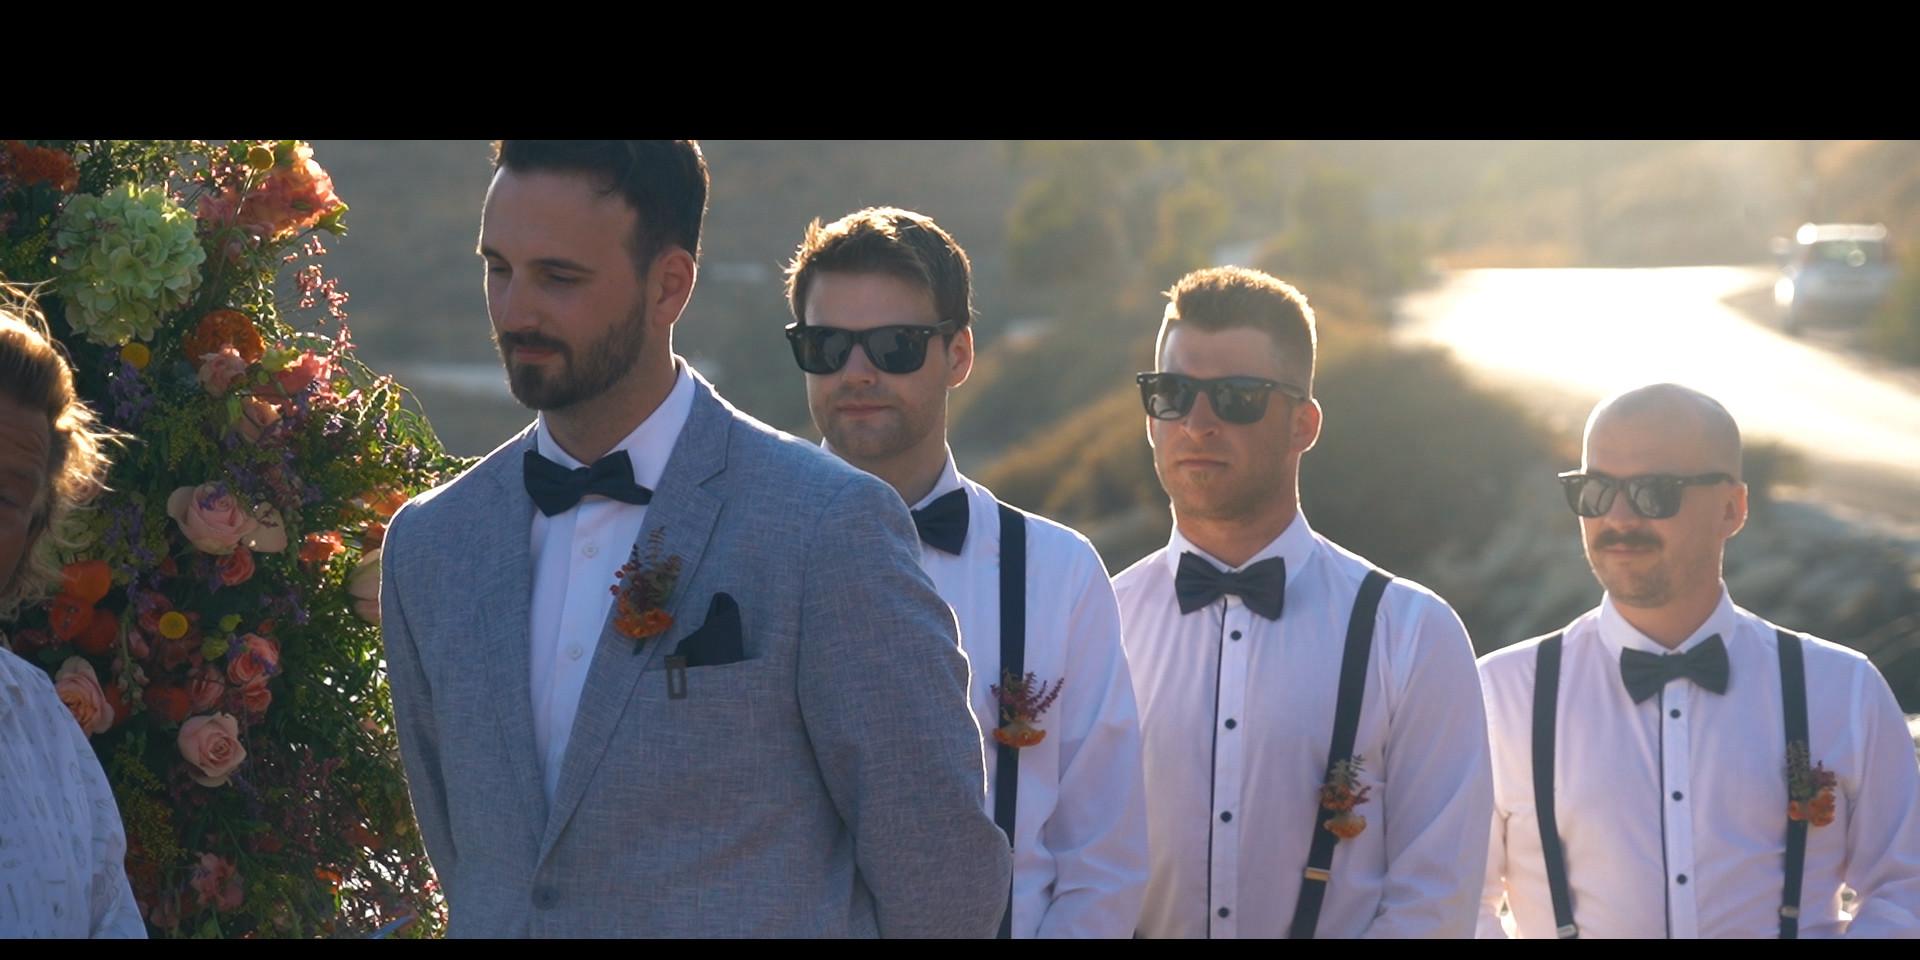 Wedding-ShortFilm.00_02_36_16.Still023.j